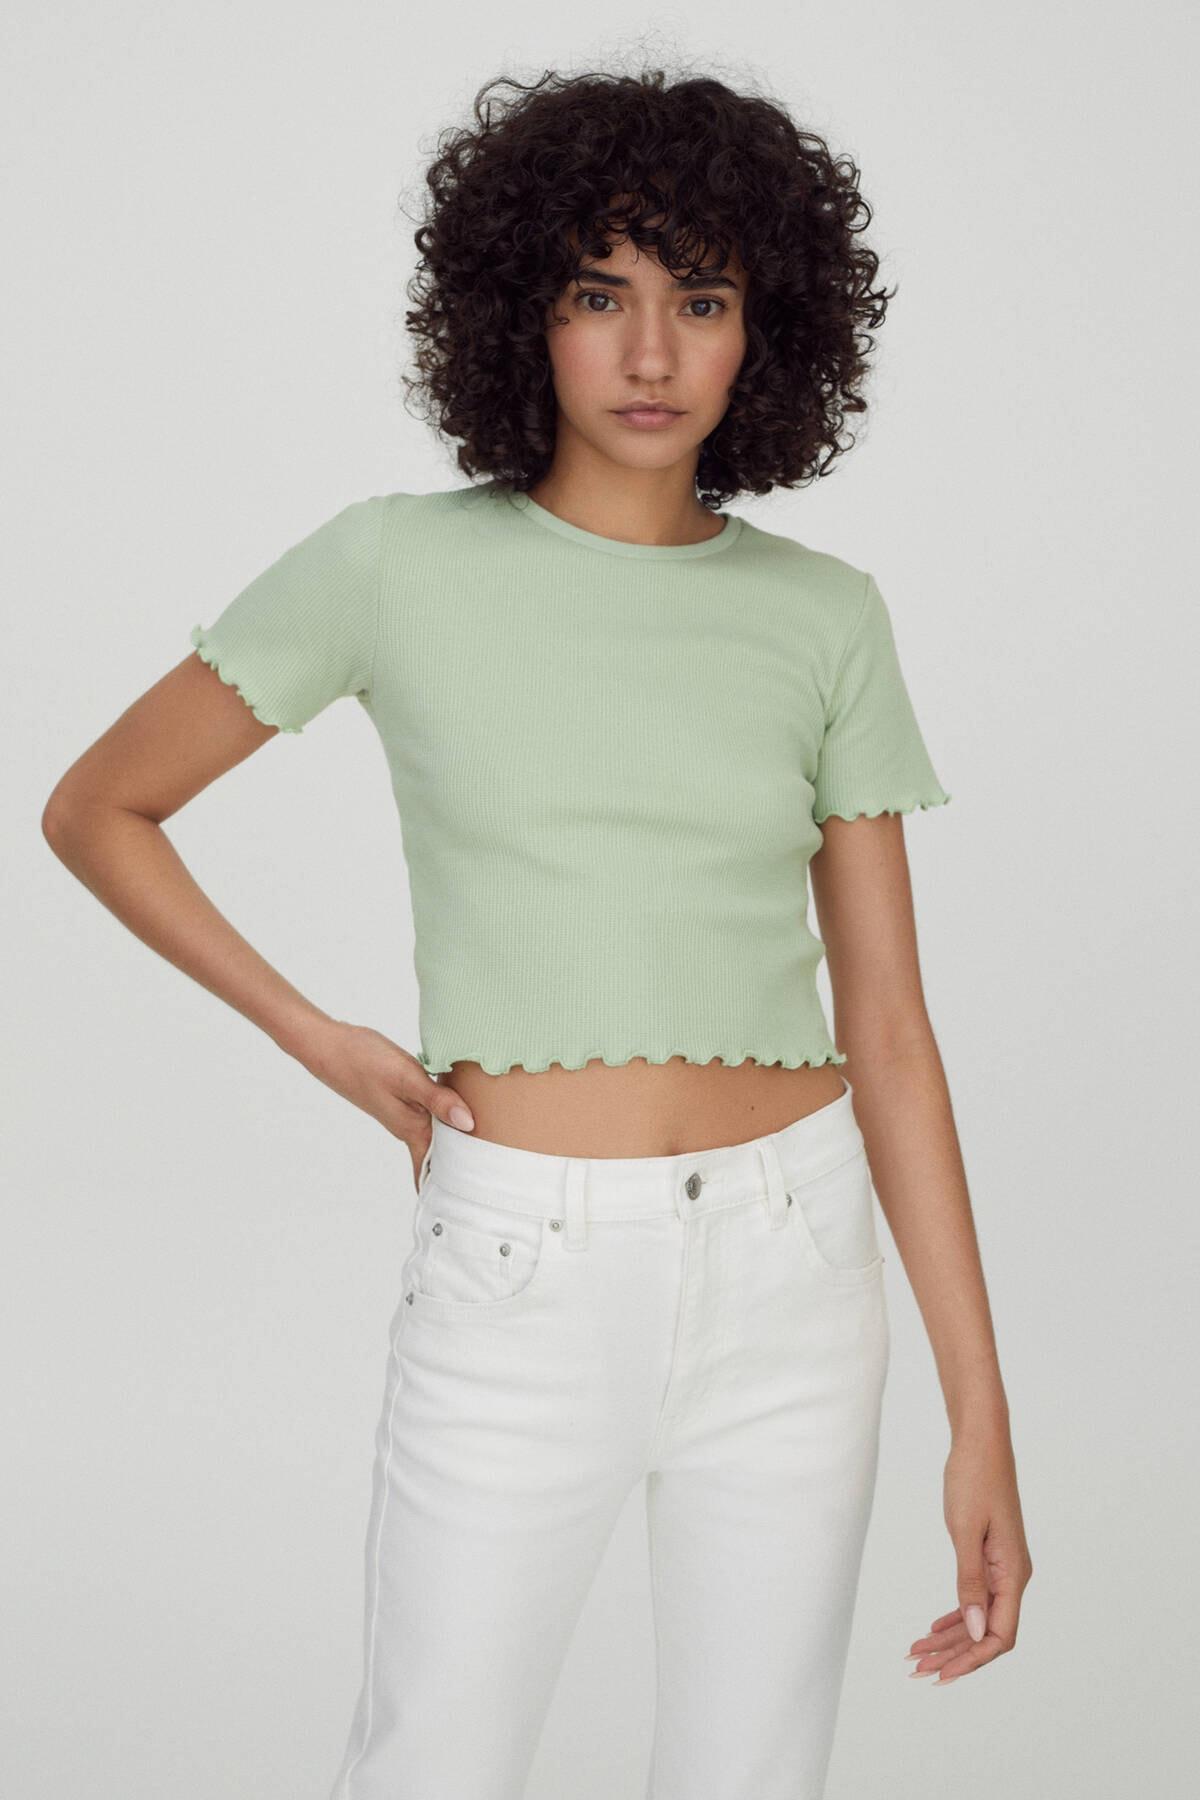 Pull & Bear Kadın Açık Yeşil Kareli Dokulu Kısa Kollu Basic T-Shirt 04240433